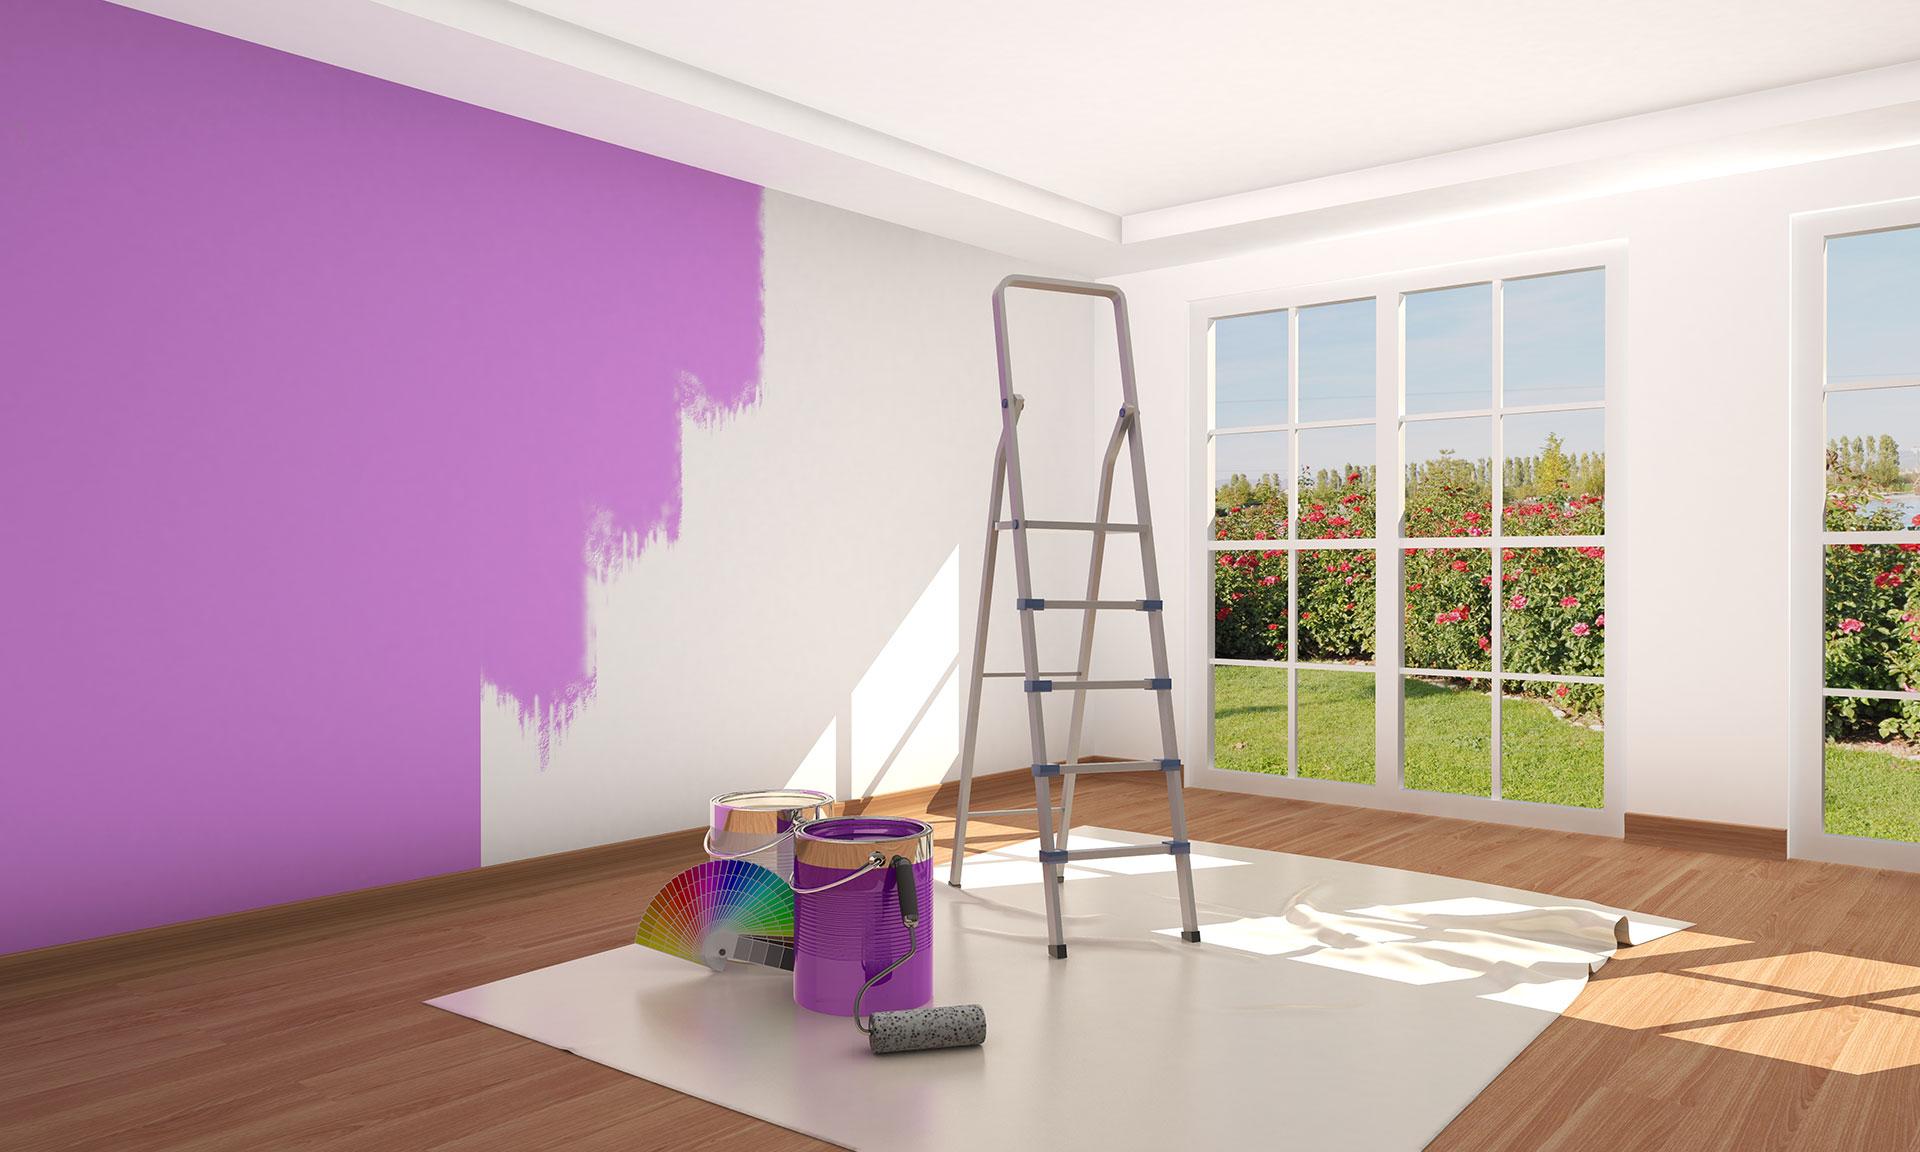 Boutiques de peintures et accessoires haut de gamme - Pintura para casa ...